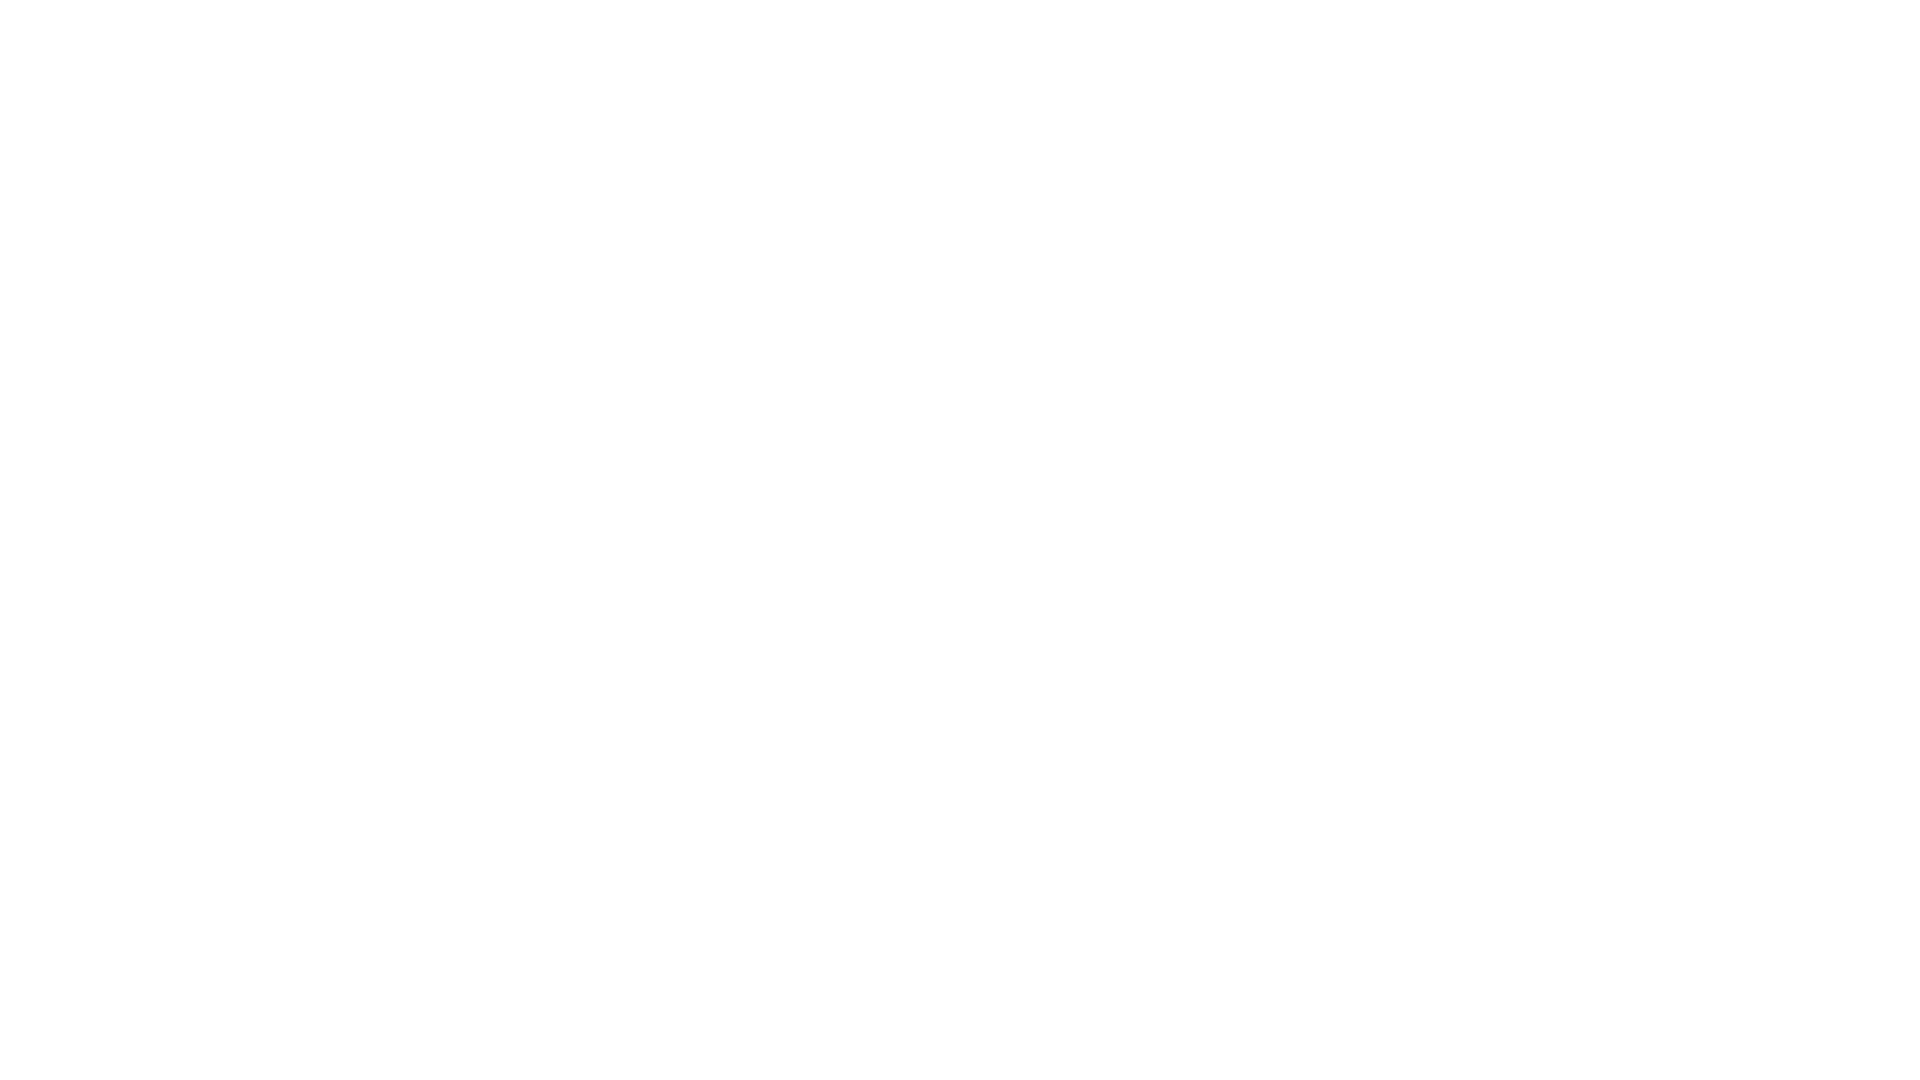 ※100個限定販売 至高下半身盗撮 プレミアム Vol.19 ハイビジョン 盗撮エロすぎ | OL  82連発 75